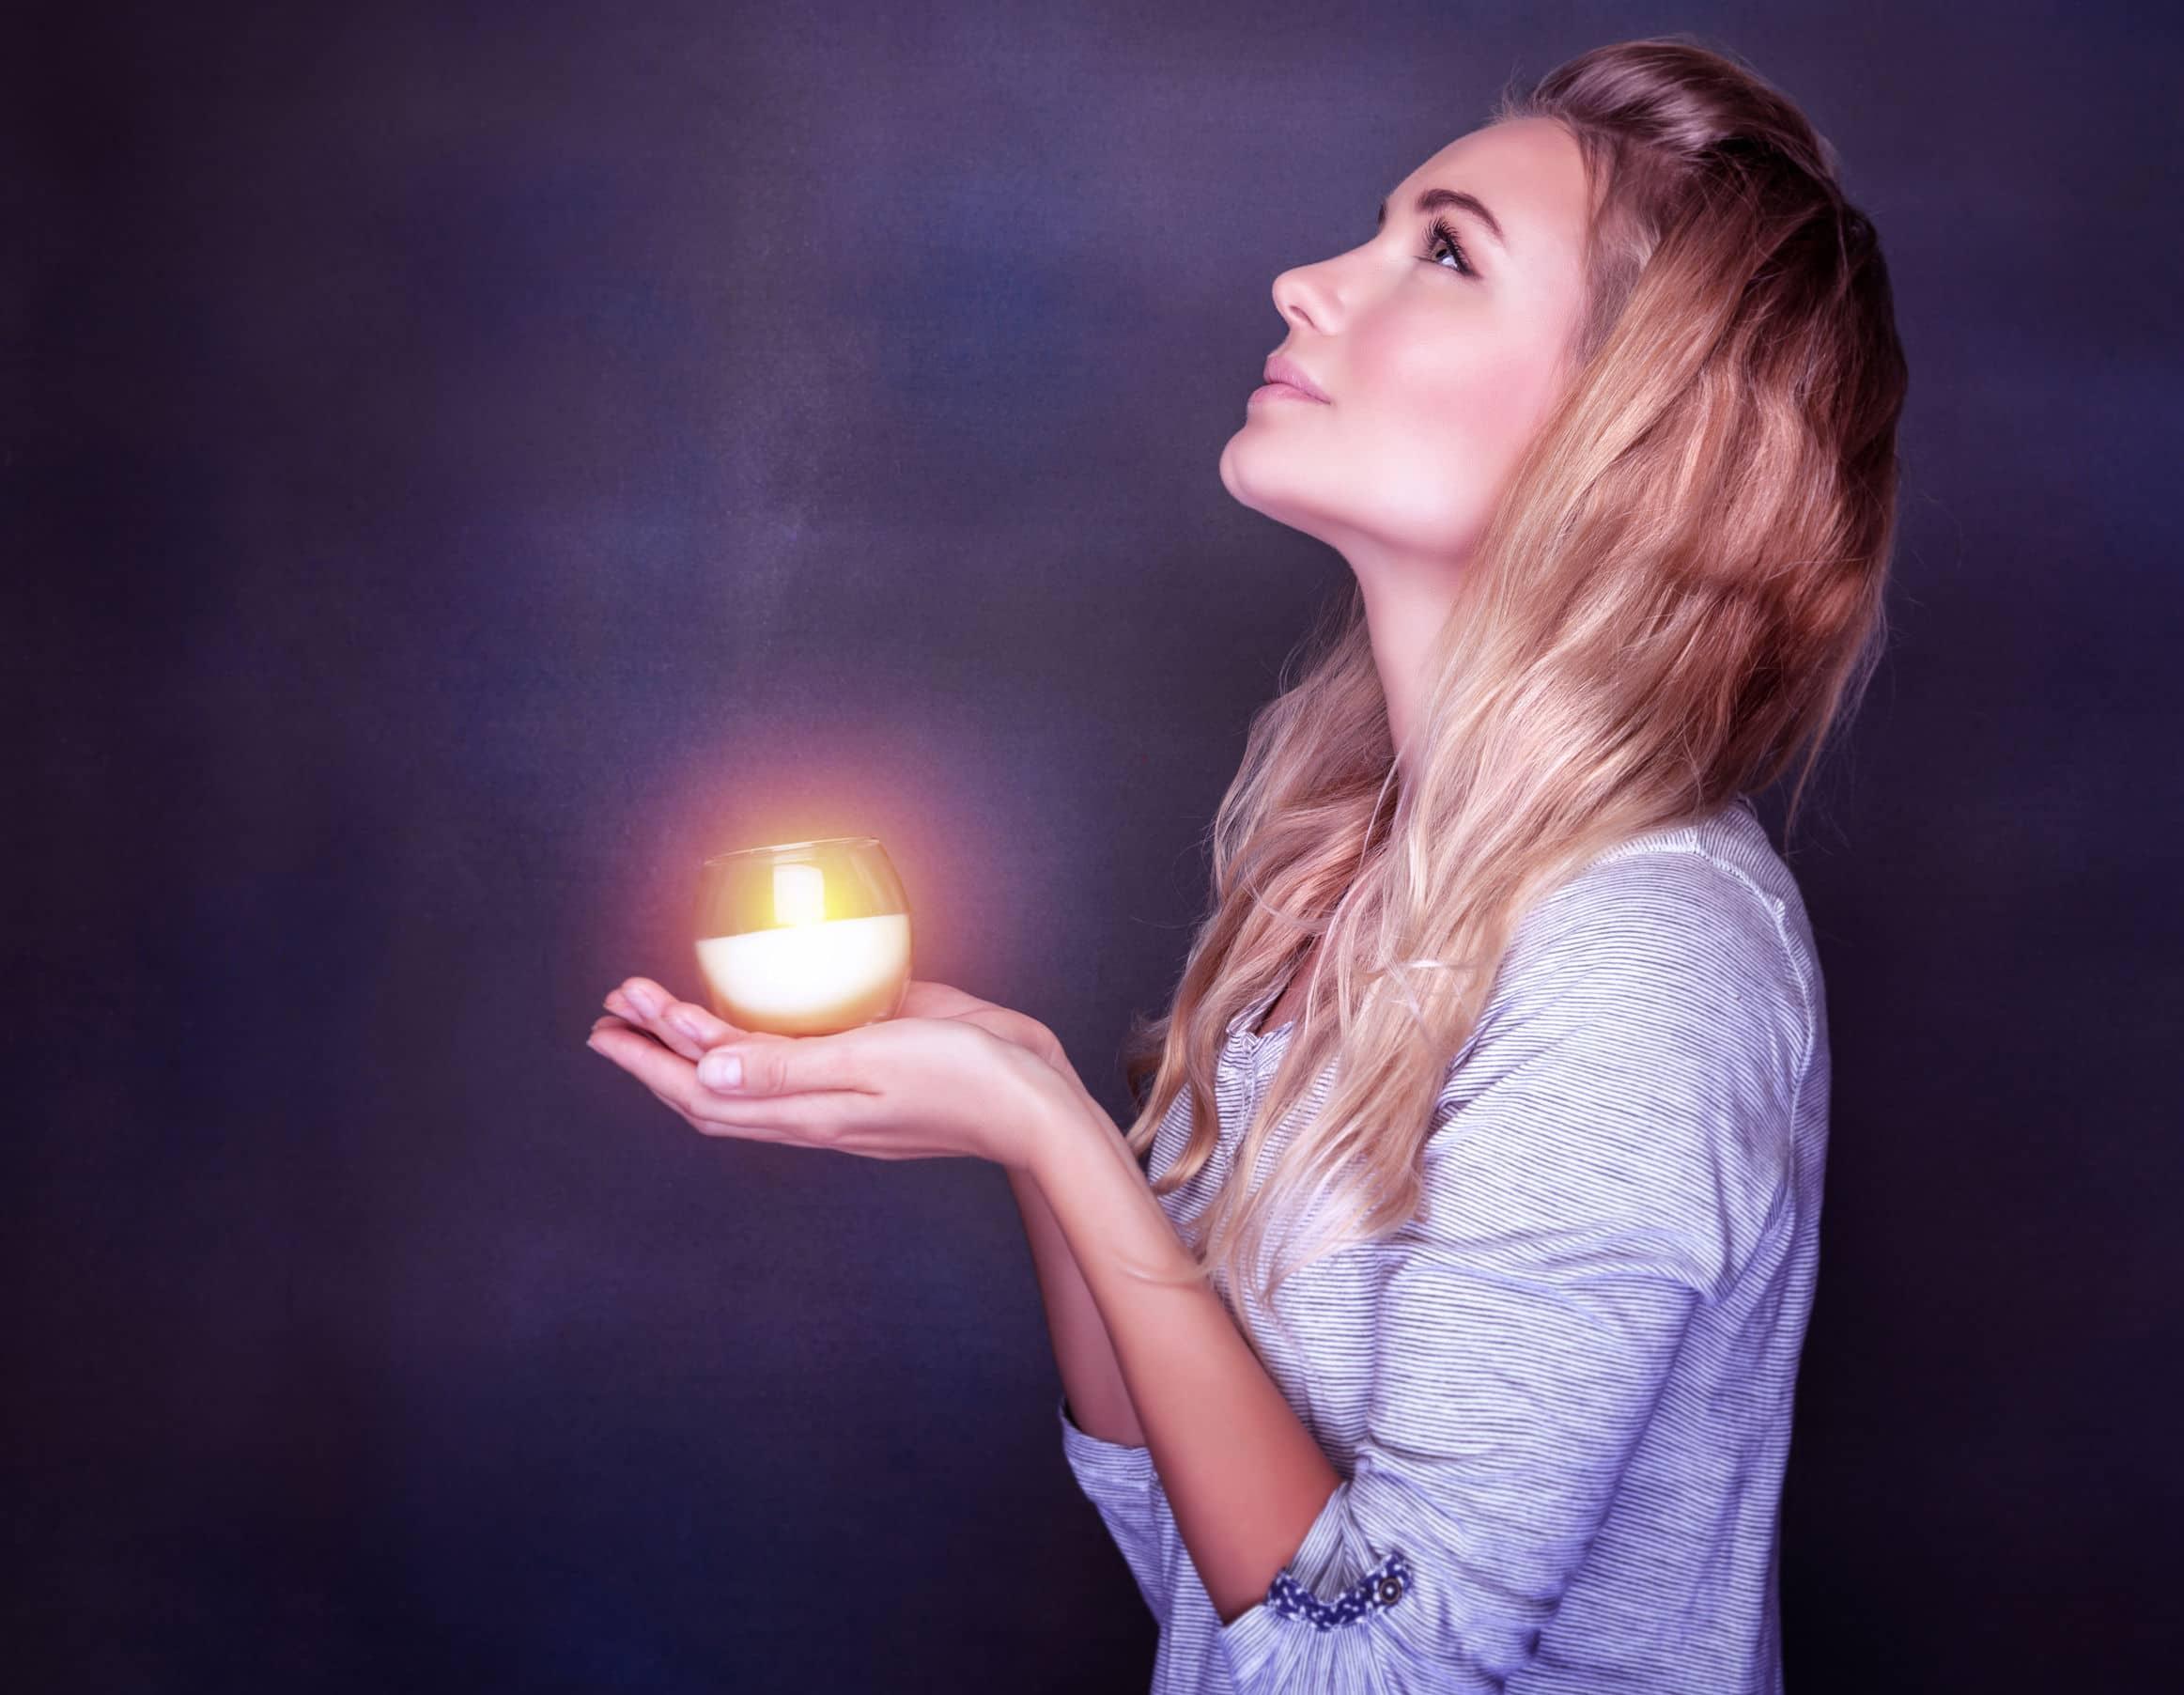 Mulher segurando com as duas mãos uma vela acesa, olhando para cima, na frente de um fundo roxo.